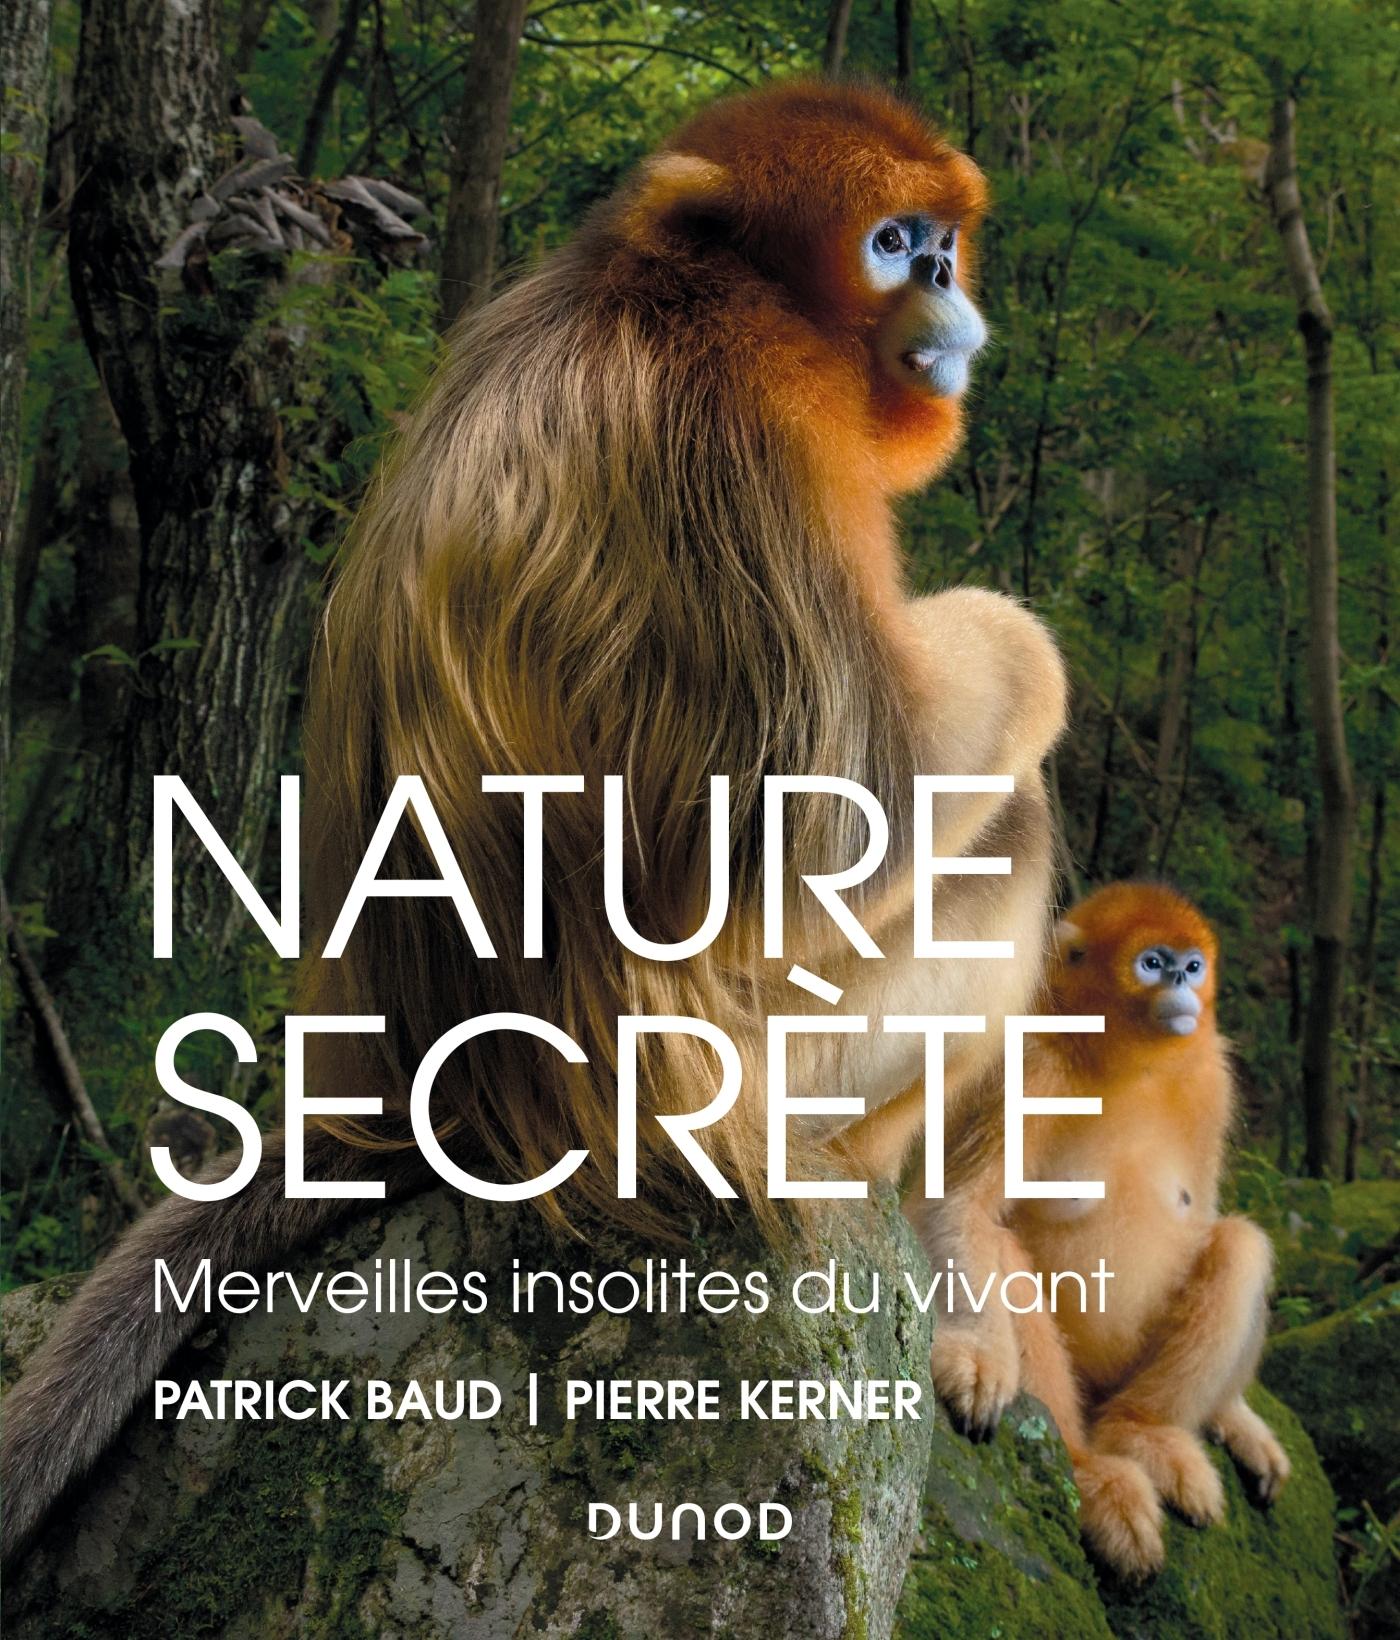 NATURE SECRETE - MERVEILLES INSOLITES DU VIVANT